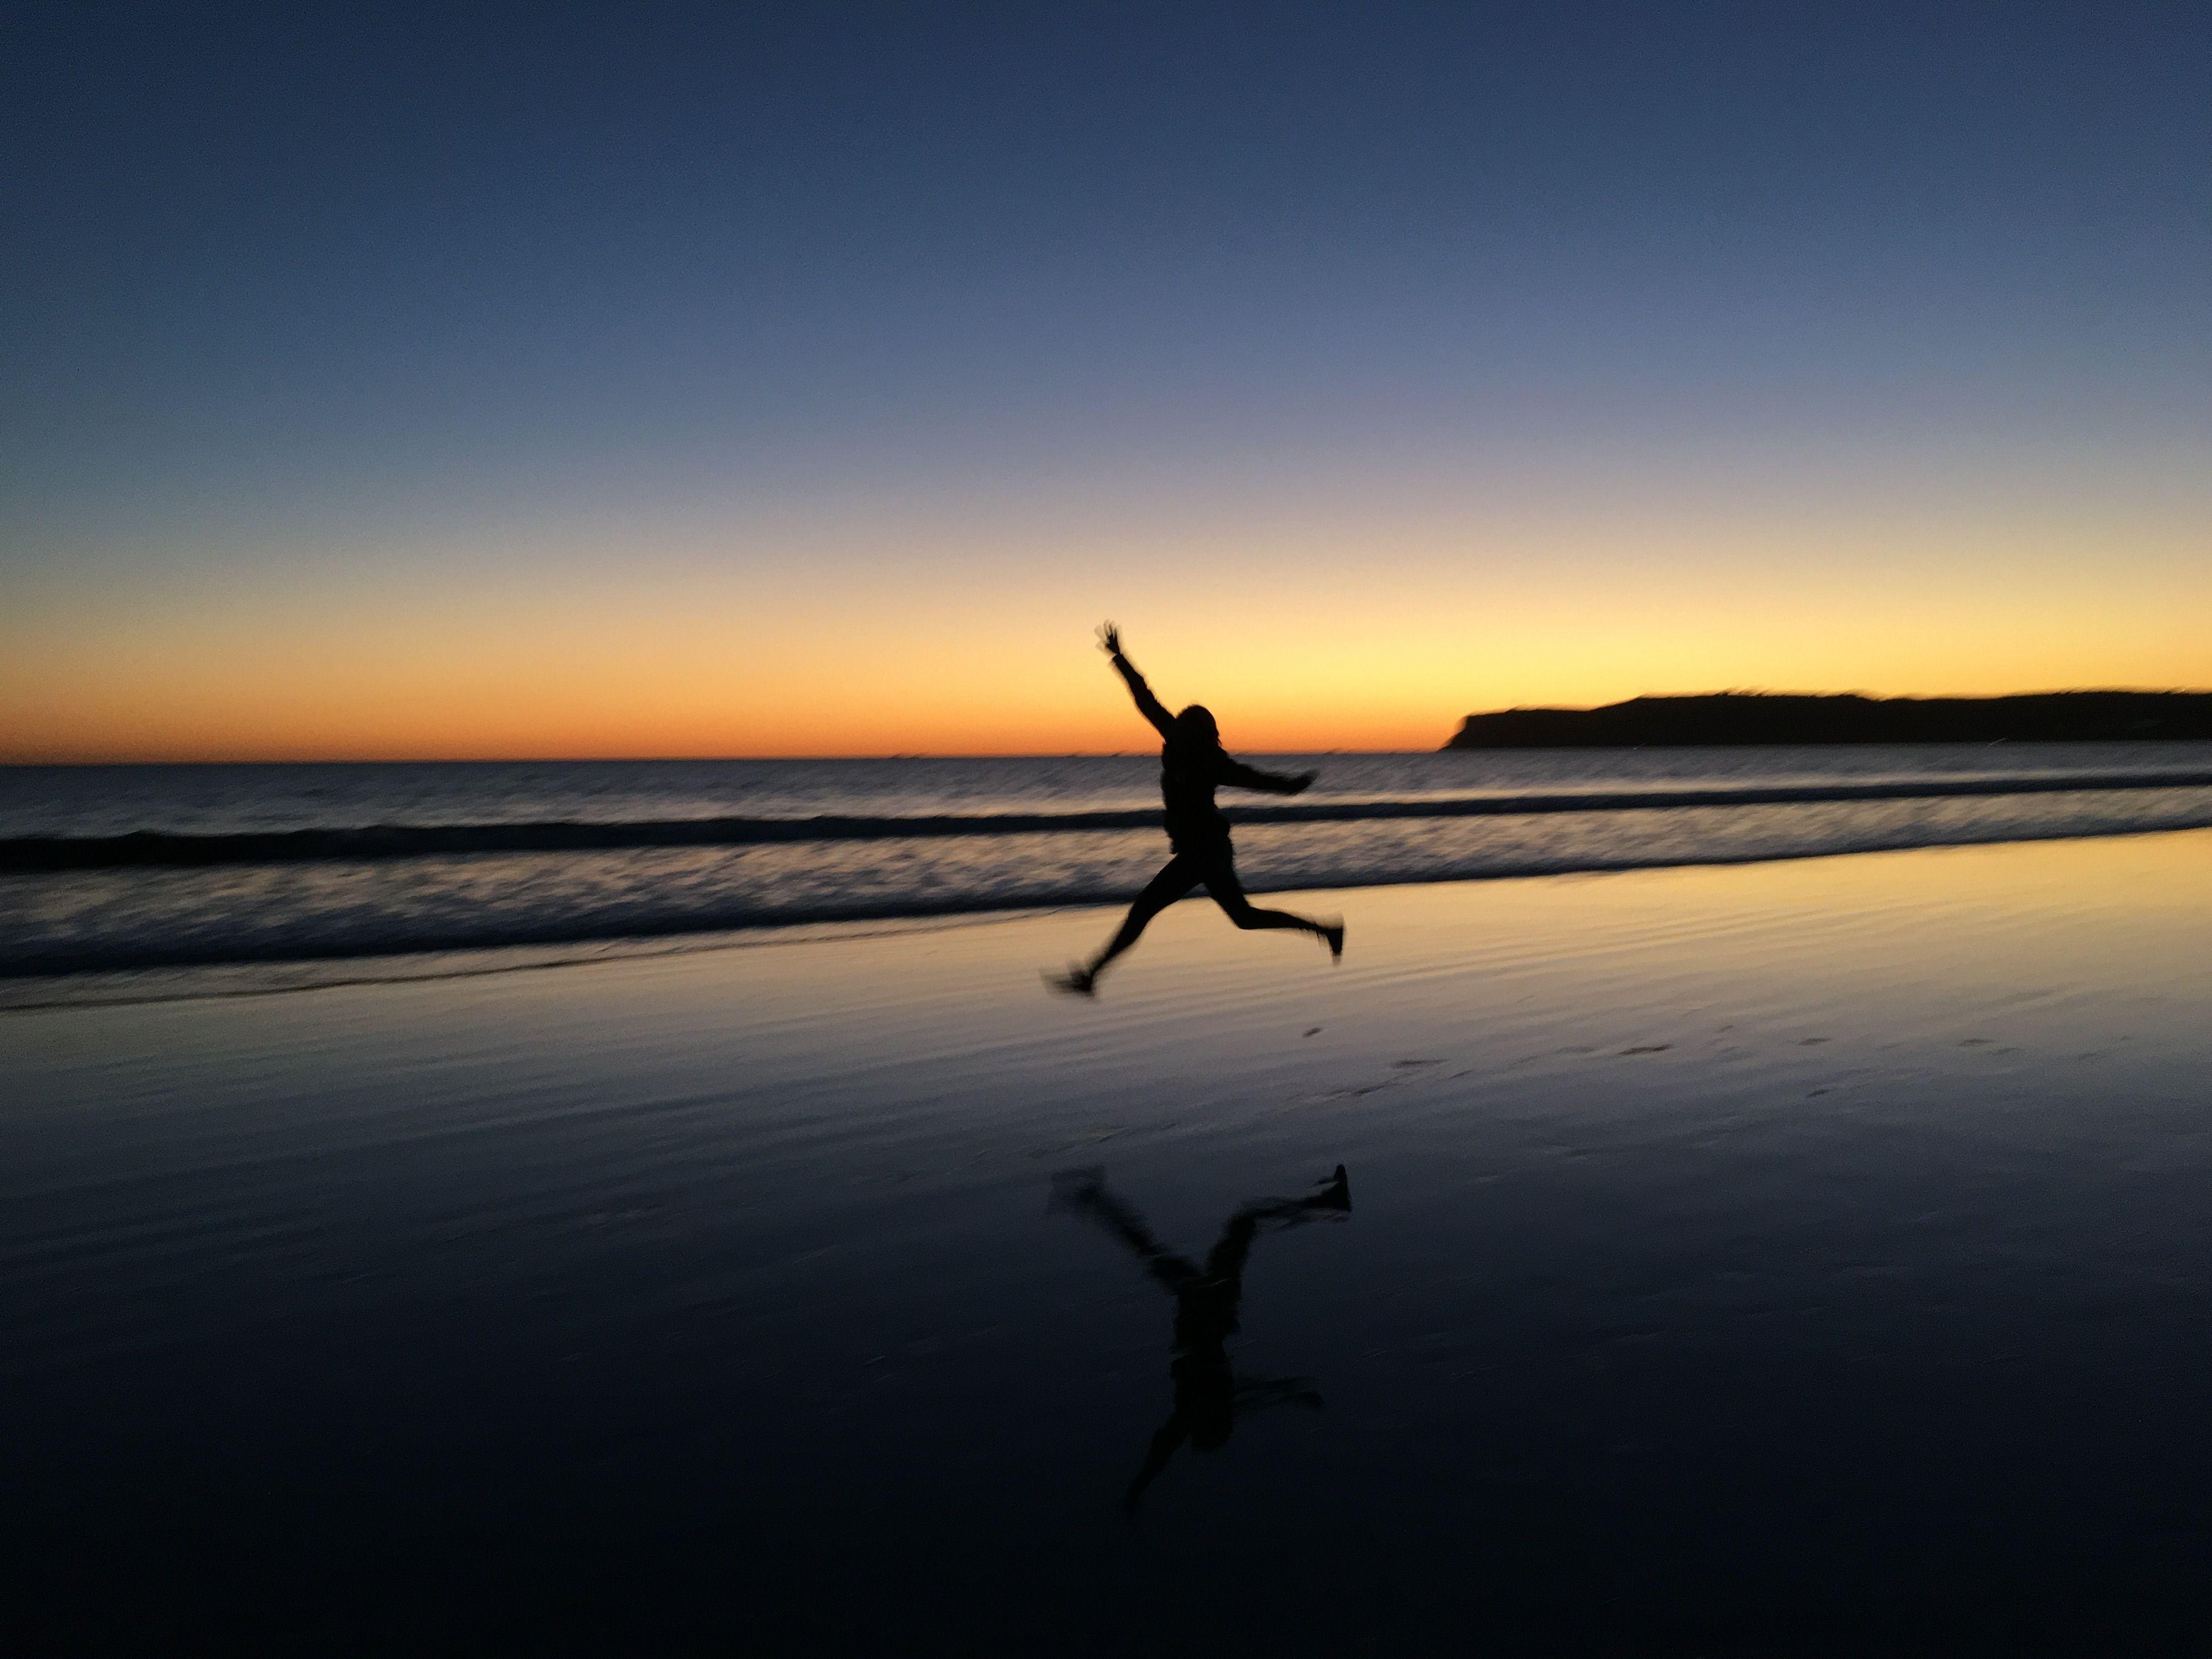 sunset coronado sandiego beach ocean california